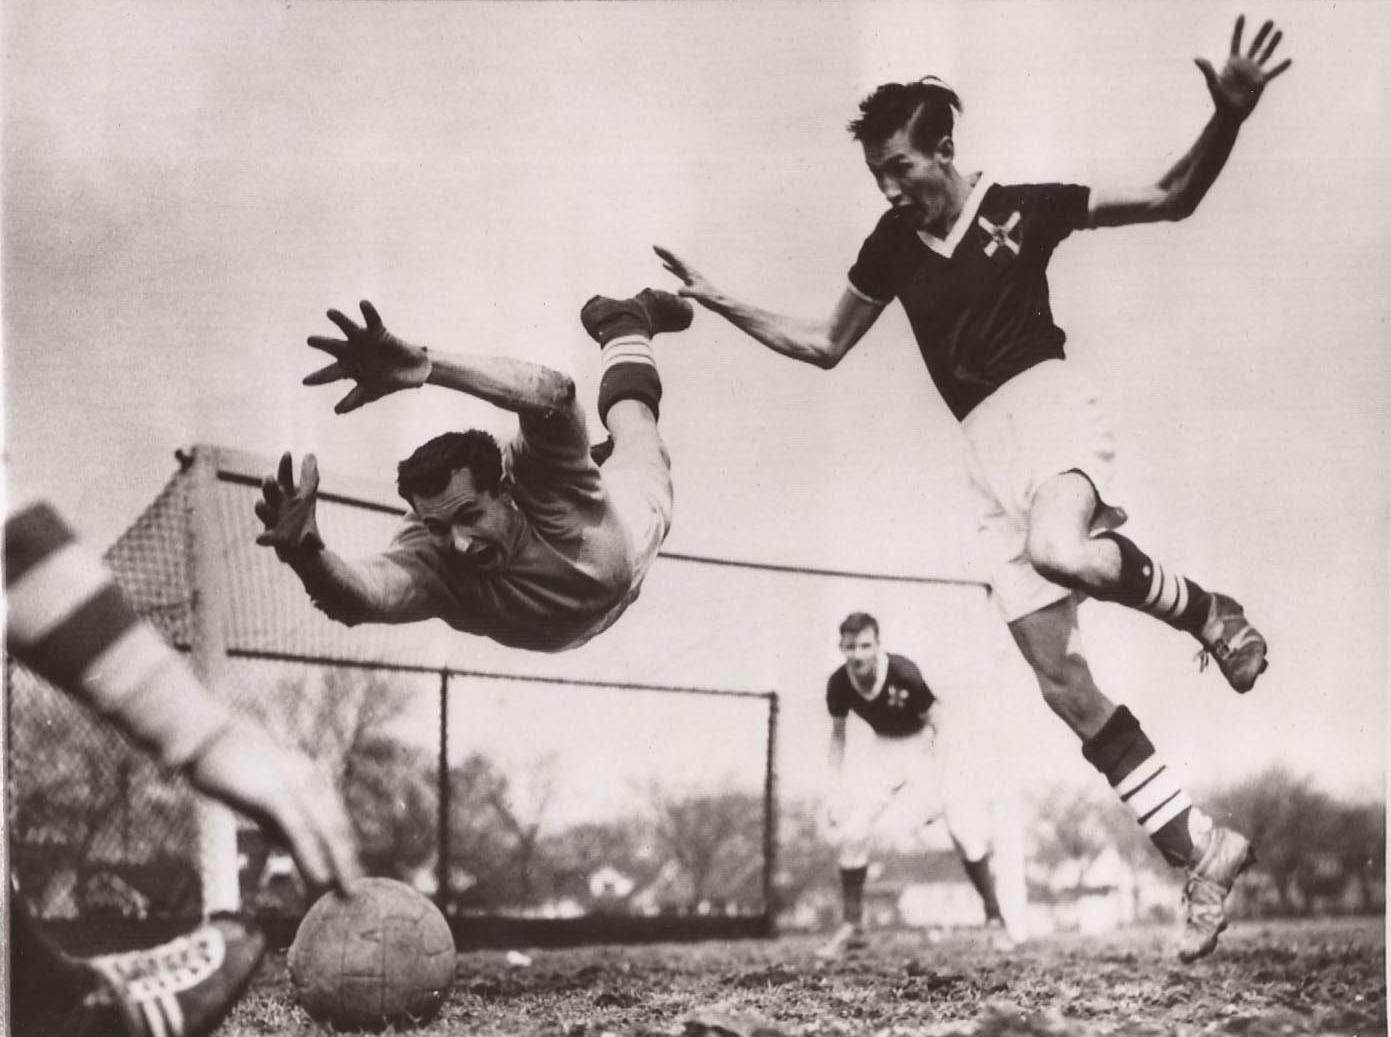 1931 / UPI Telephoto